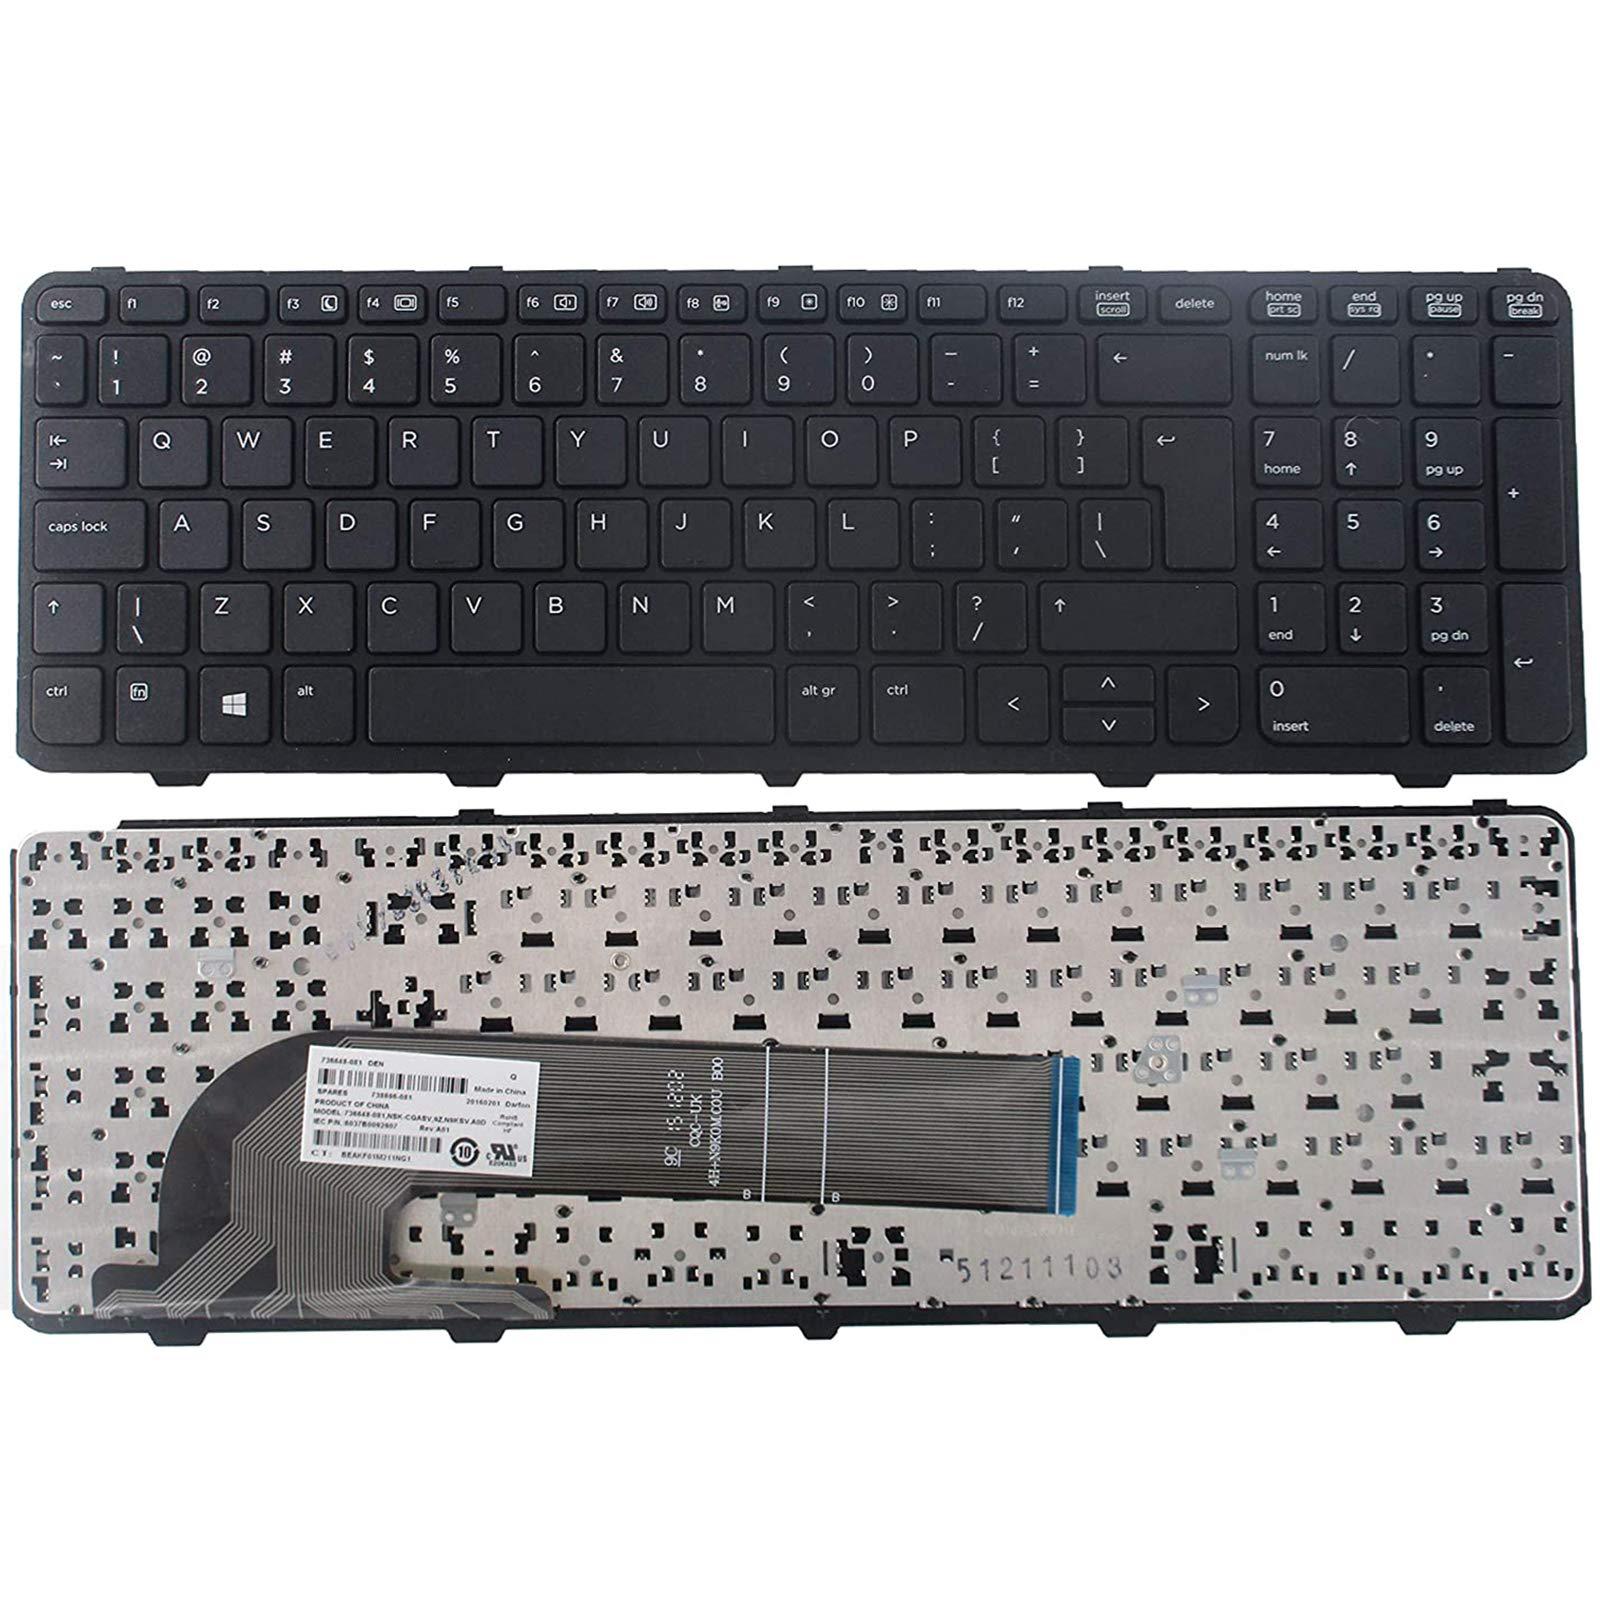 Teclado USA para HP Probook 450 G0 450 G1 Series Black US La